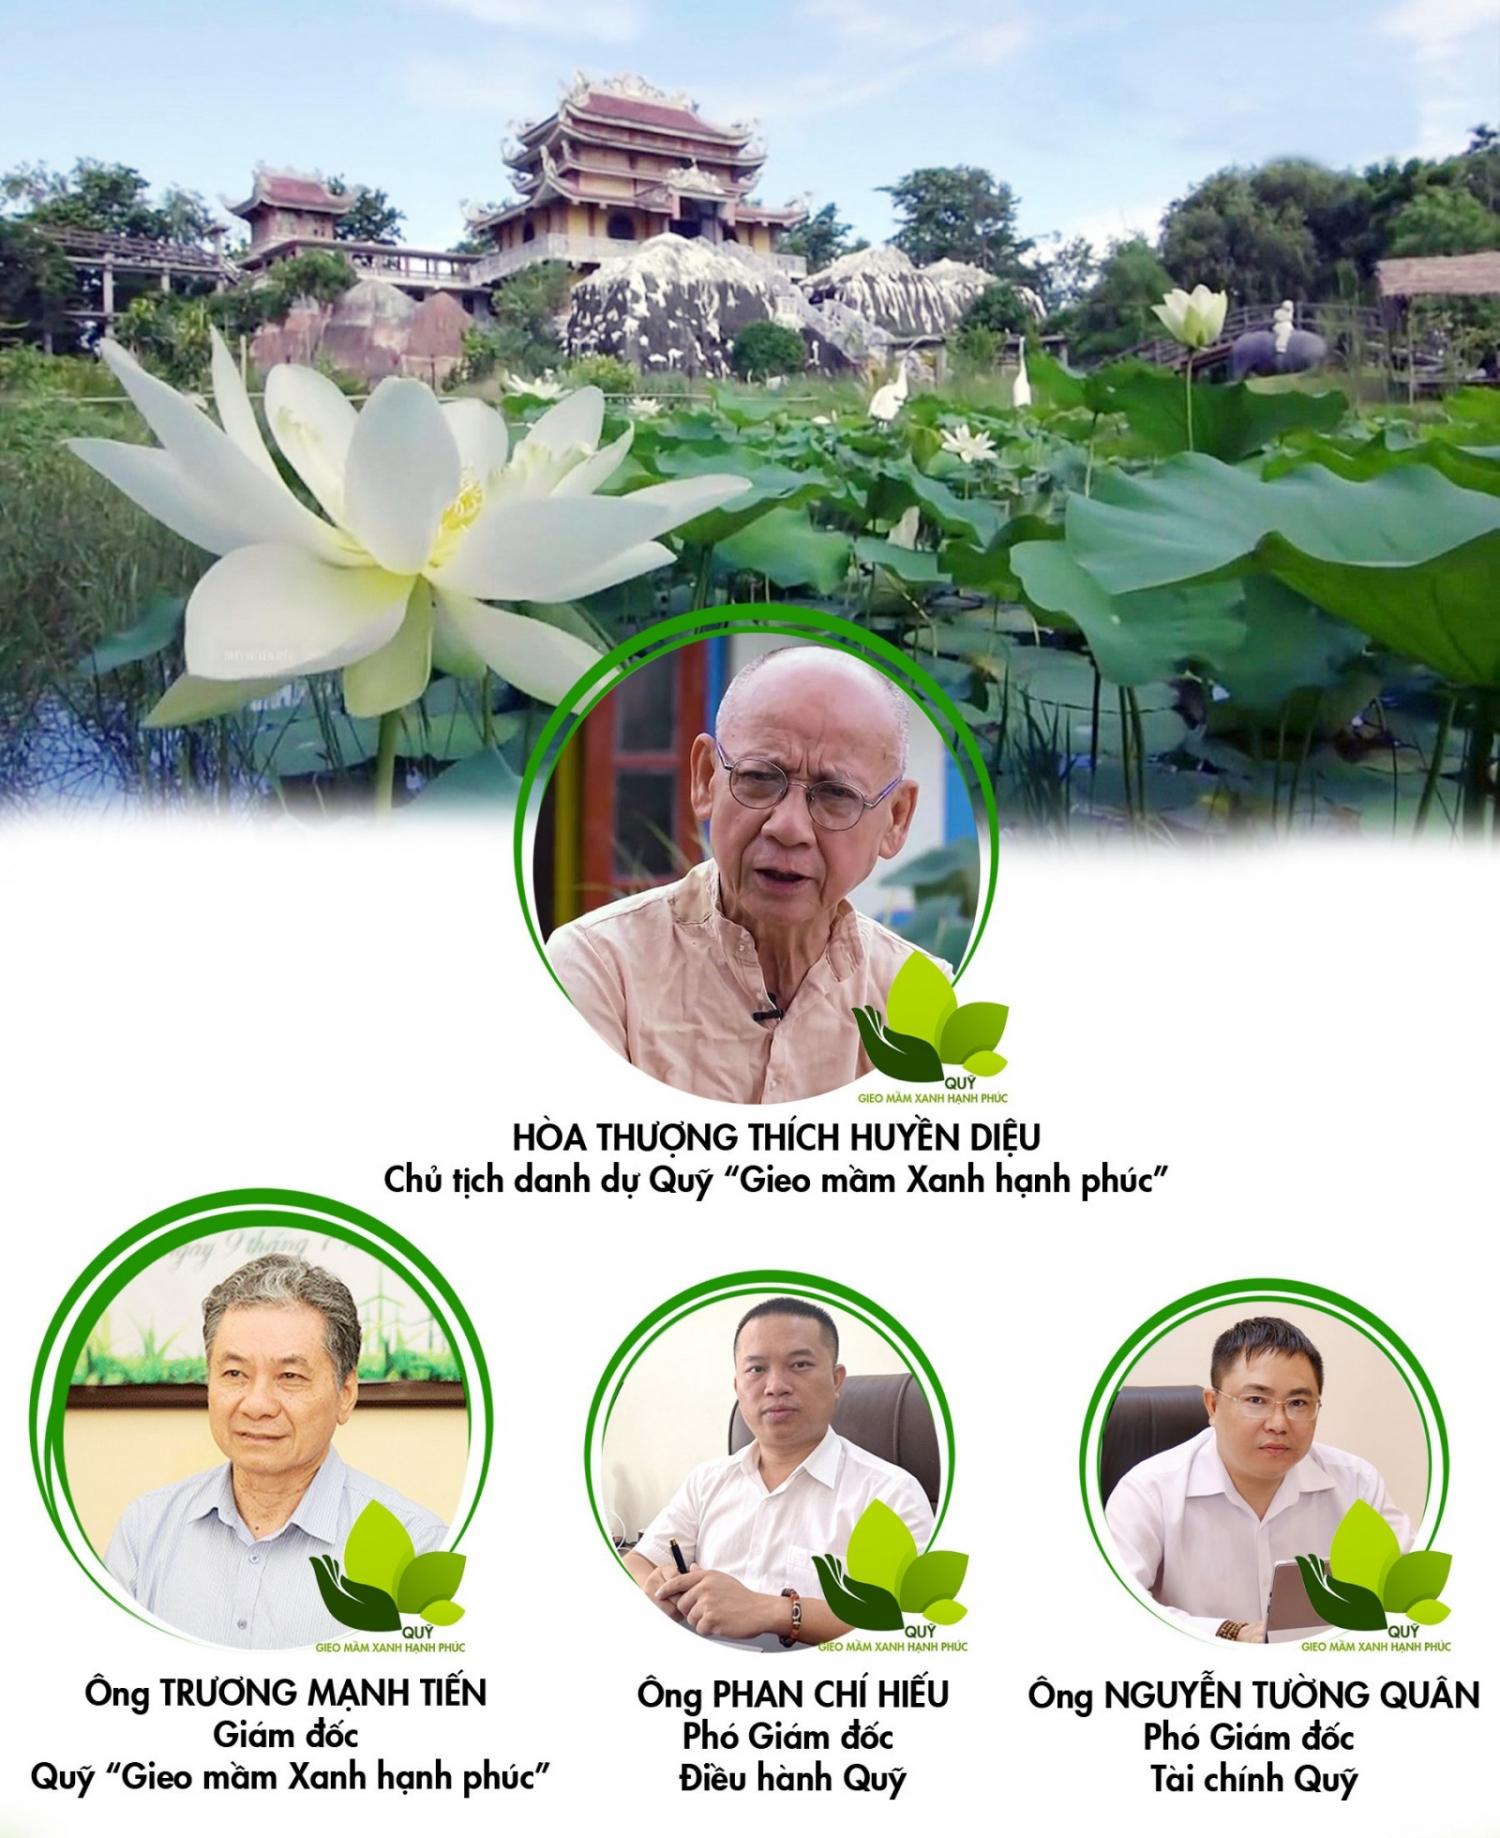 Ra mắt Quỹ Gieo mầm Xanh hạnh phúc